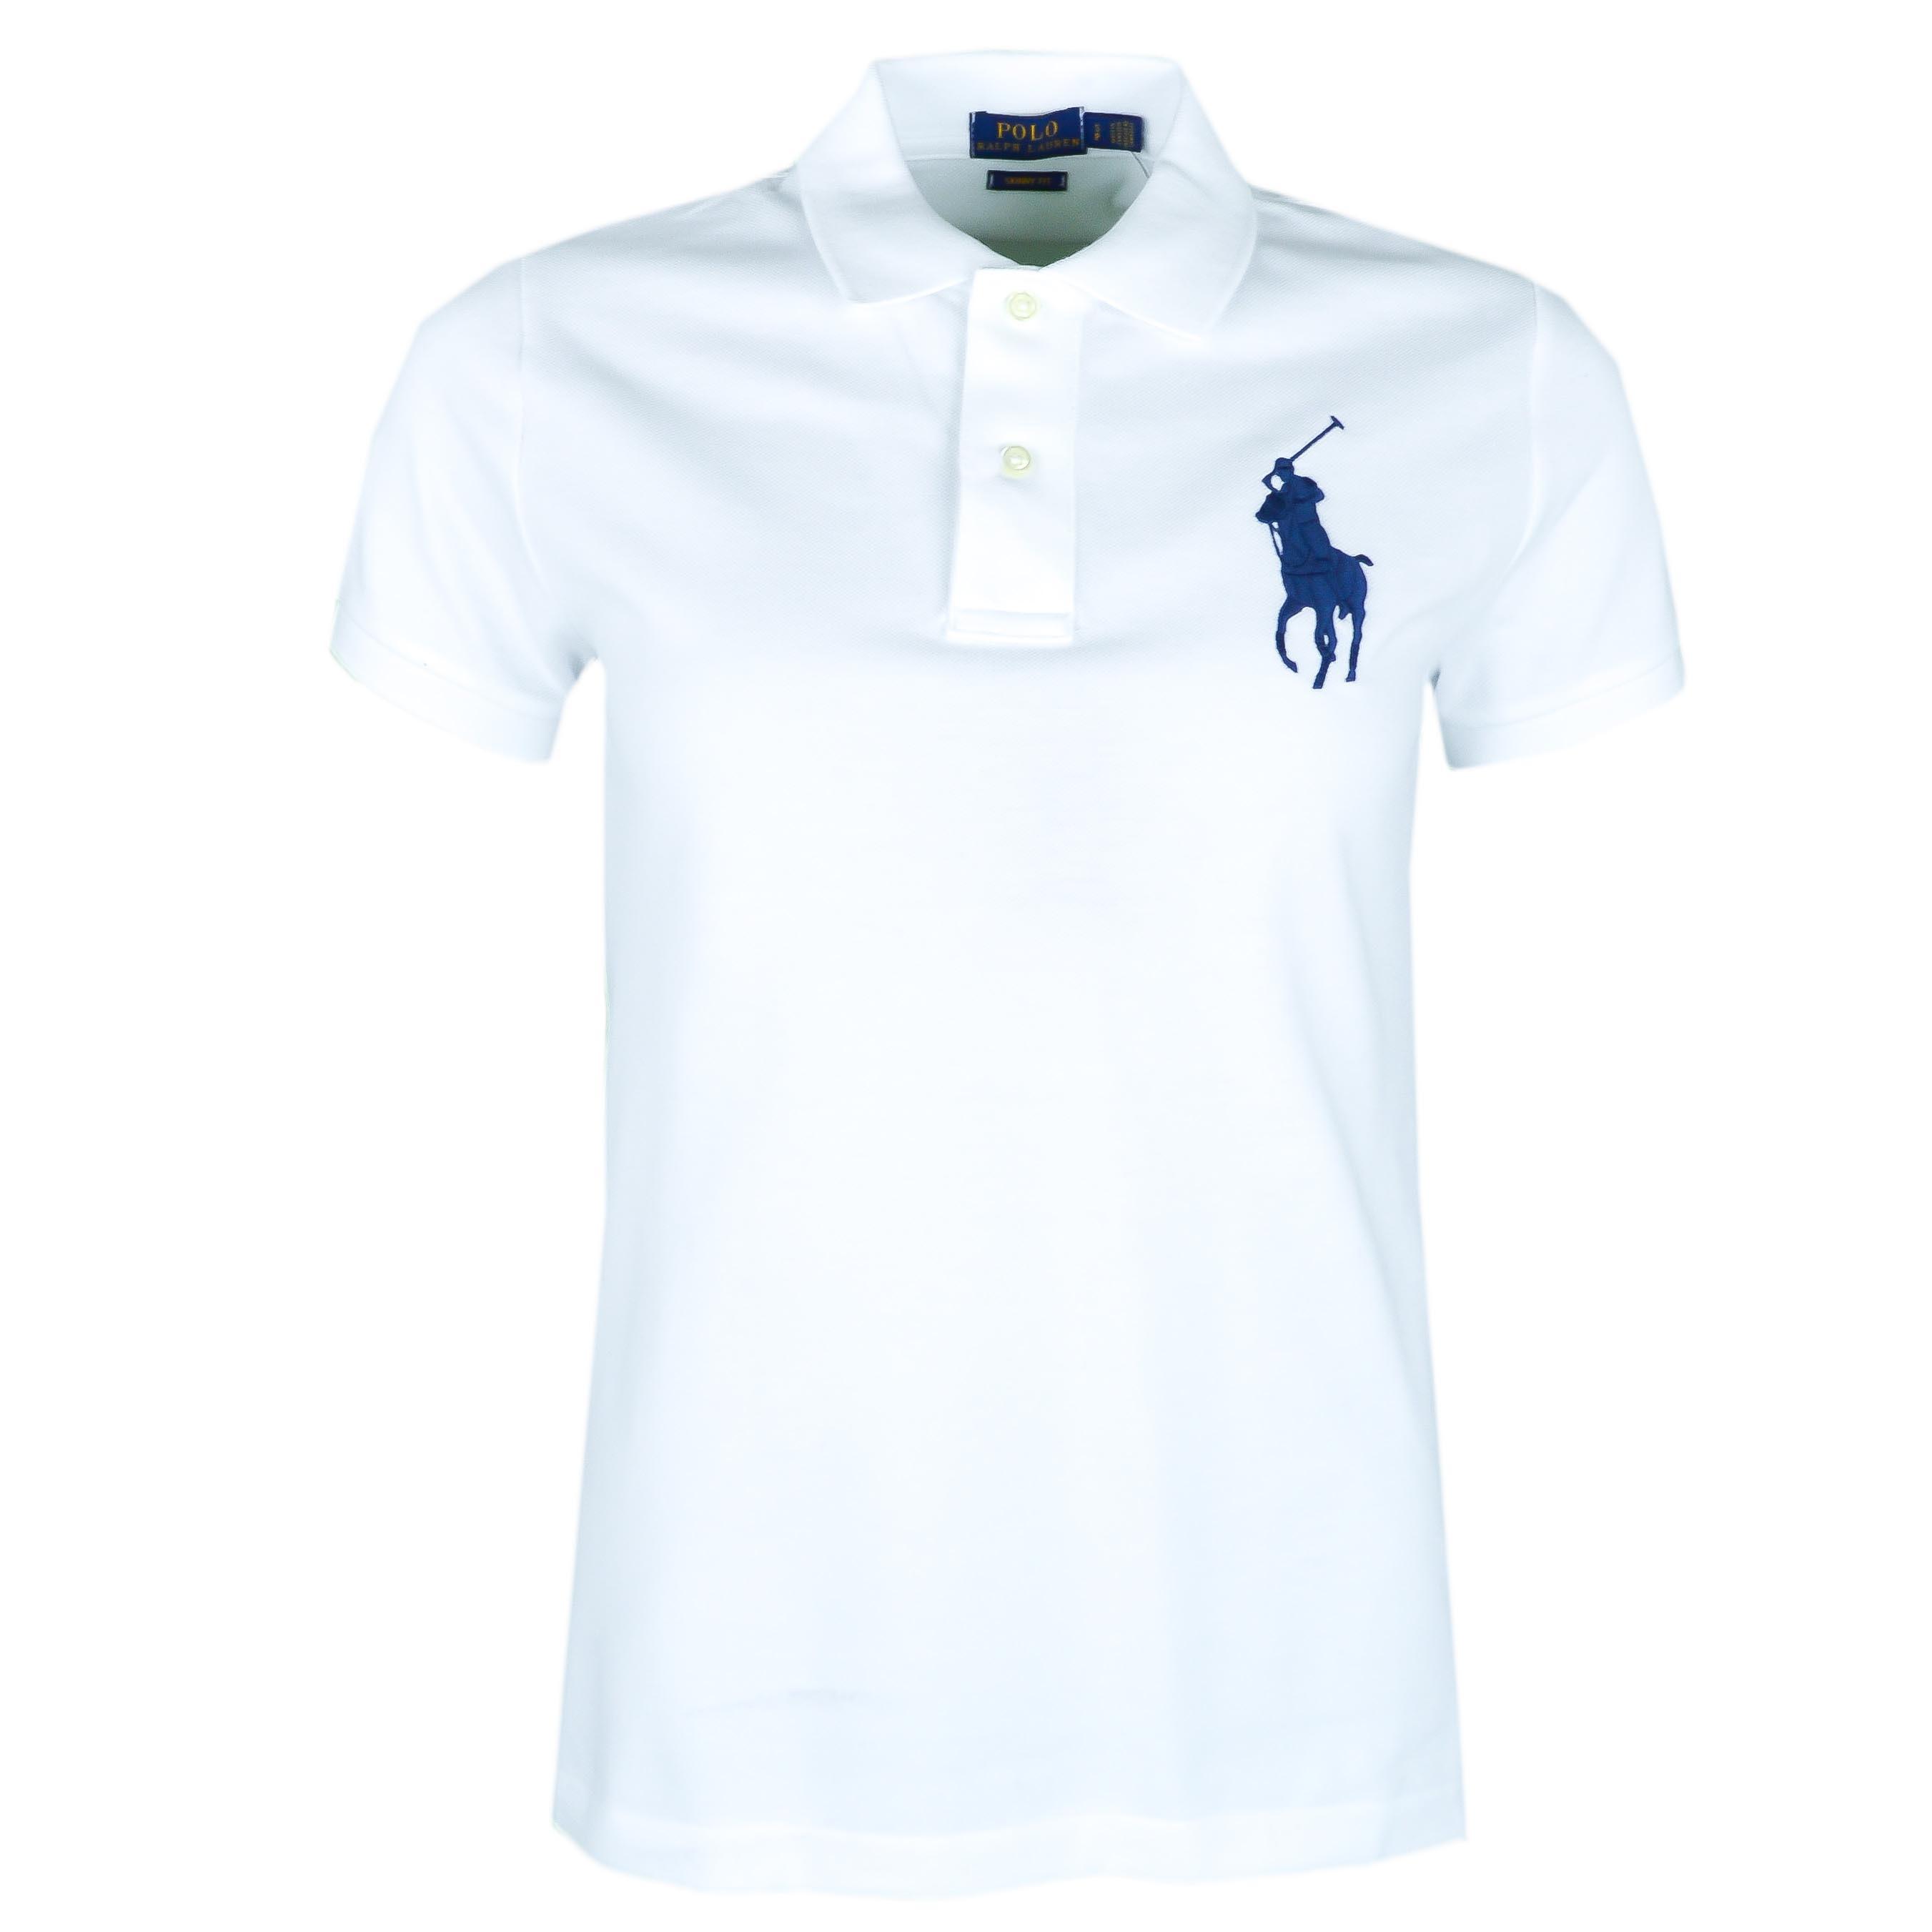 Polo Ralph Lauren blanc big poney bleu marine pour femme Toujours